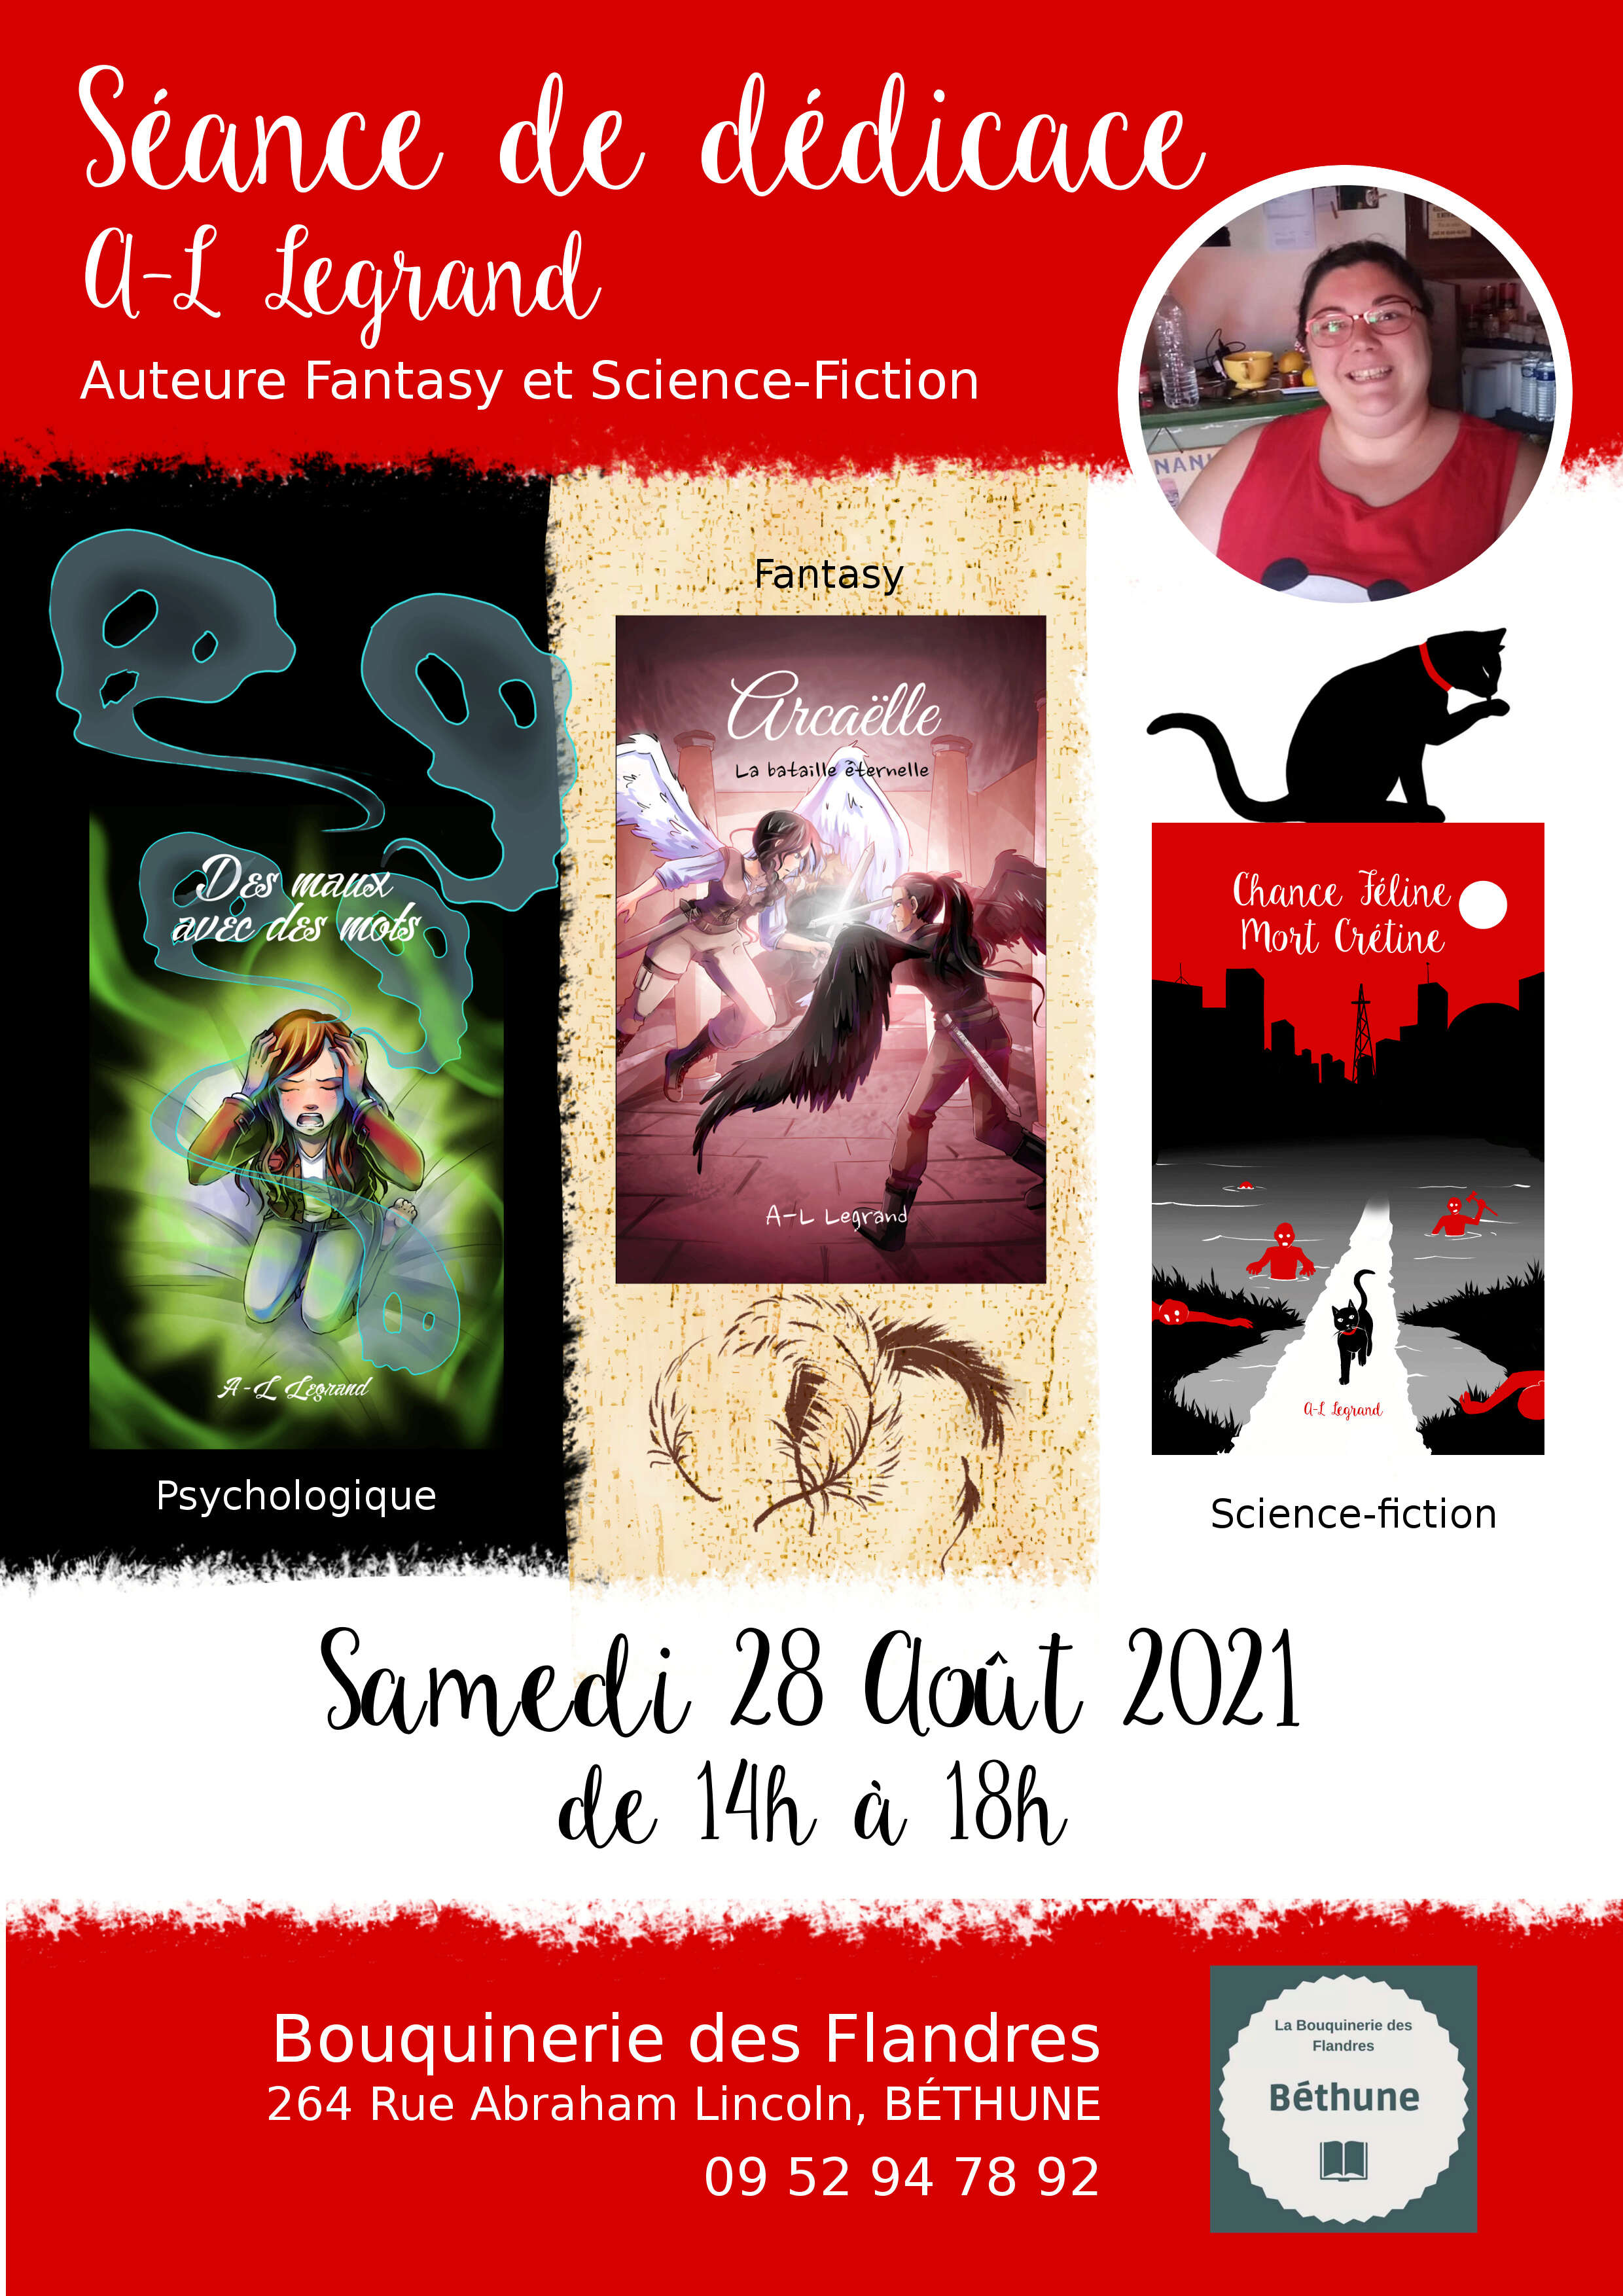 Facebook A.L Legrand - Arcaëlle et autres [Page Facebook Auteur] - Page 3 Affich10